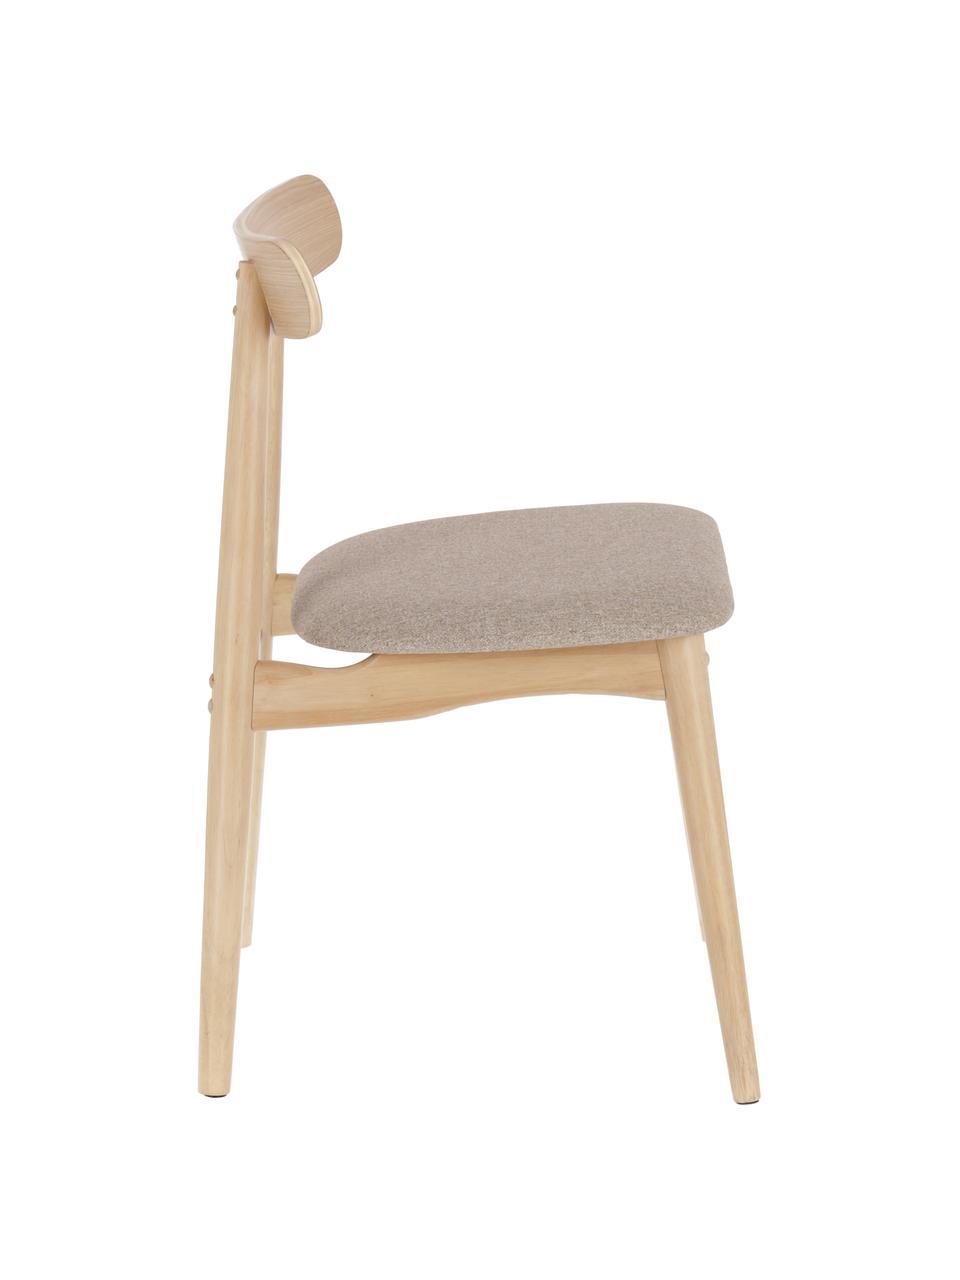 Holzstuhl Nayme mit gepolsteter Sitzfläche, Bezug: Polyester, Rahmen: Gummibaumholz, Gestell: Schichtholz, Braun, Beige, B 48 x T 50 cm